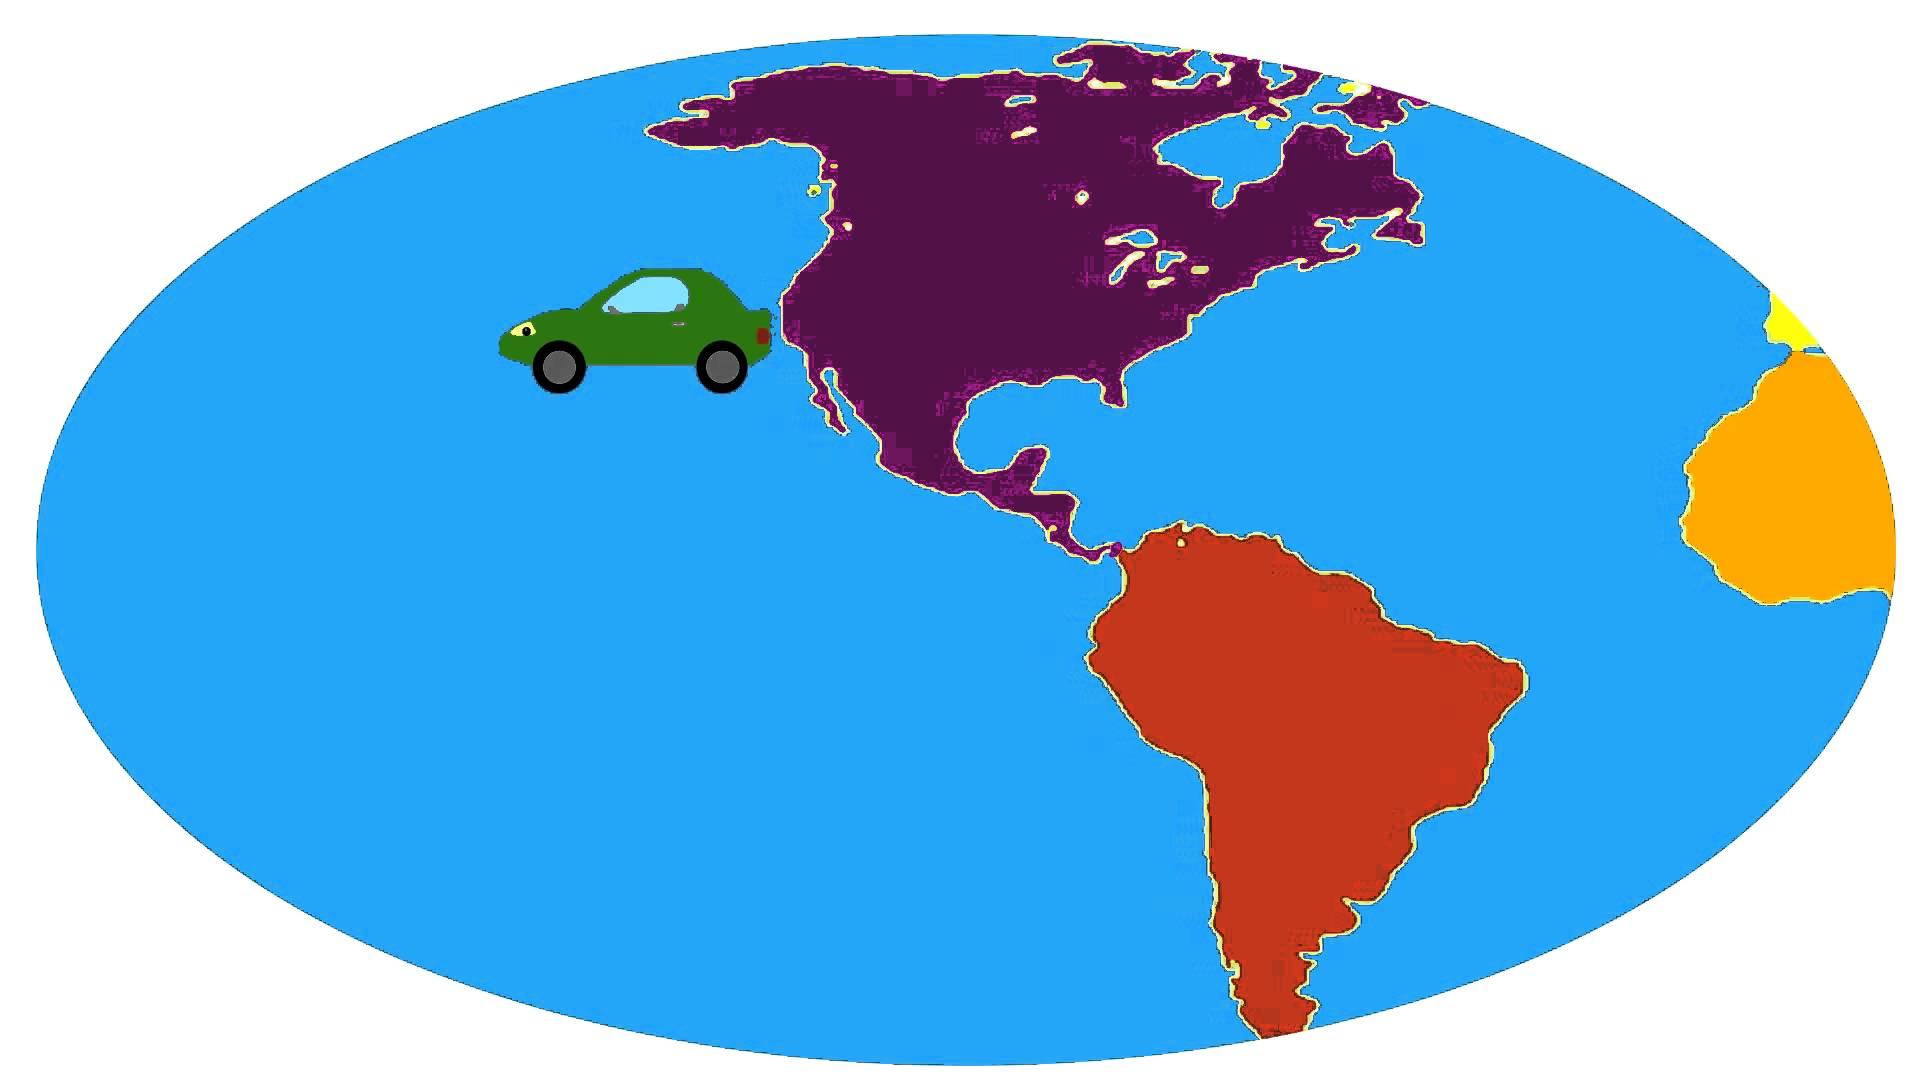 Cartoon Continents